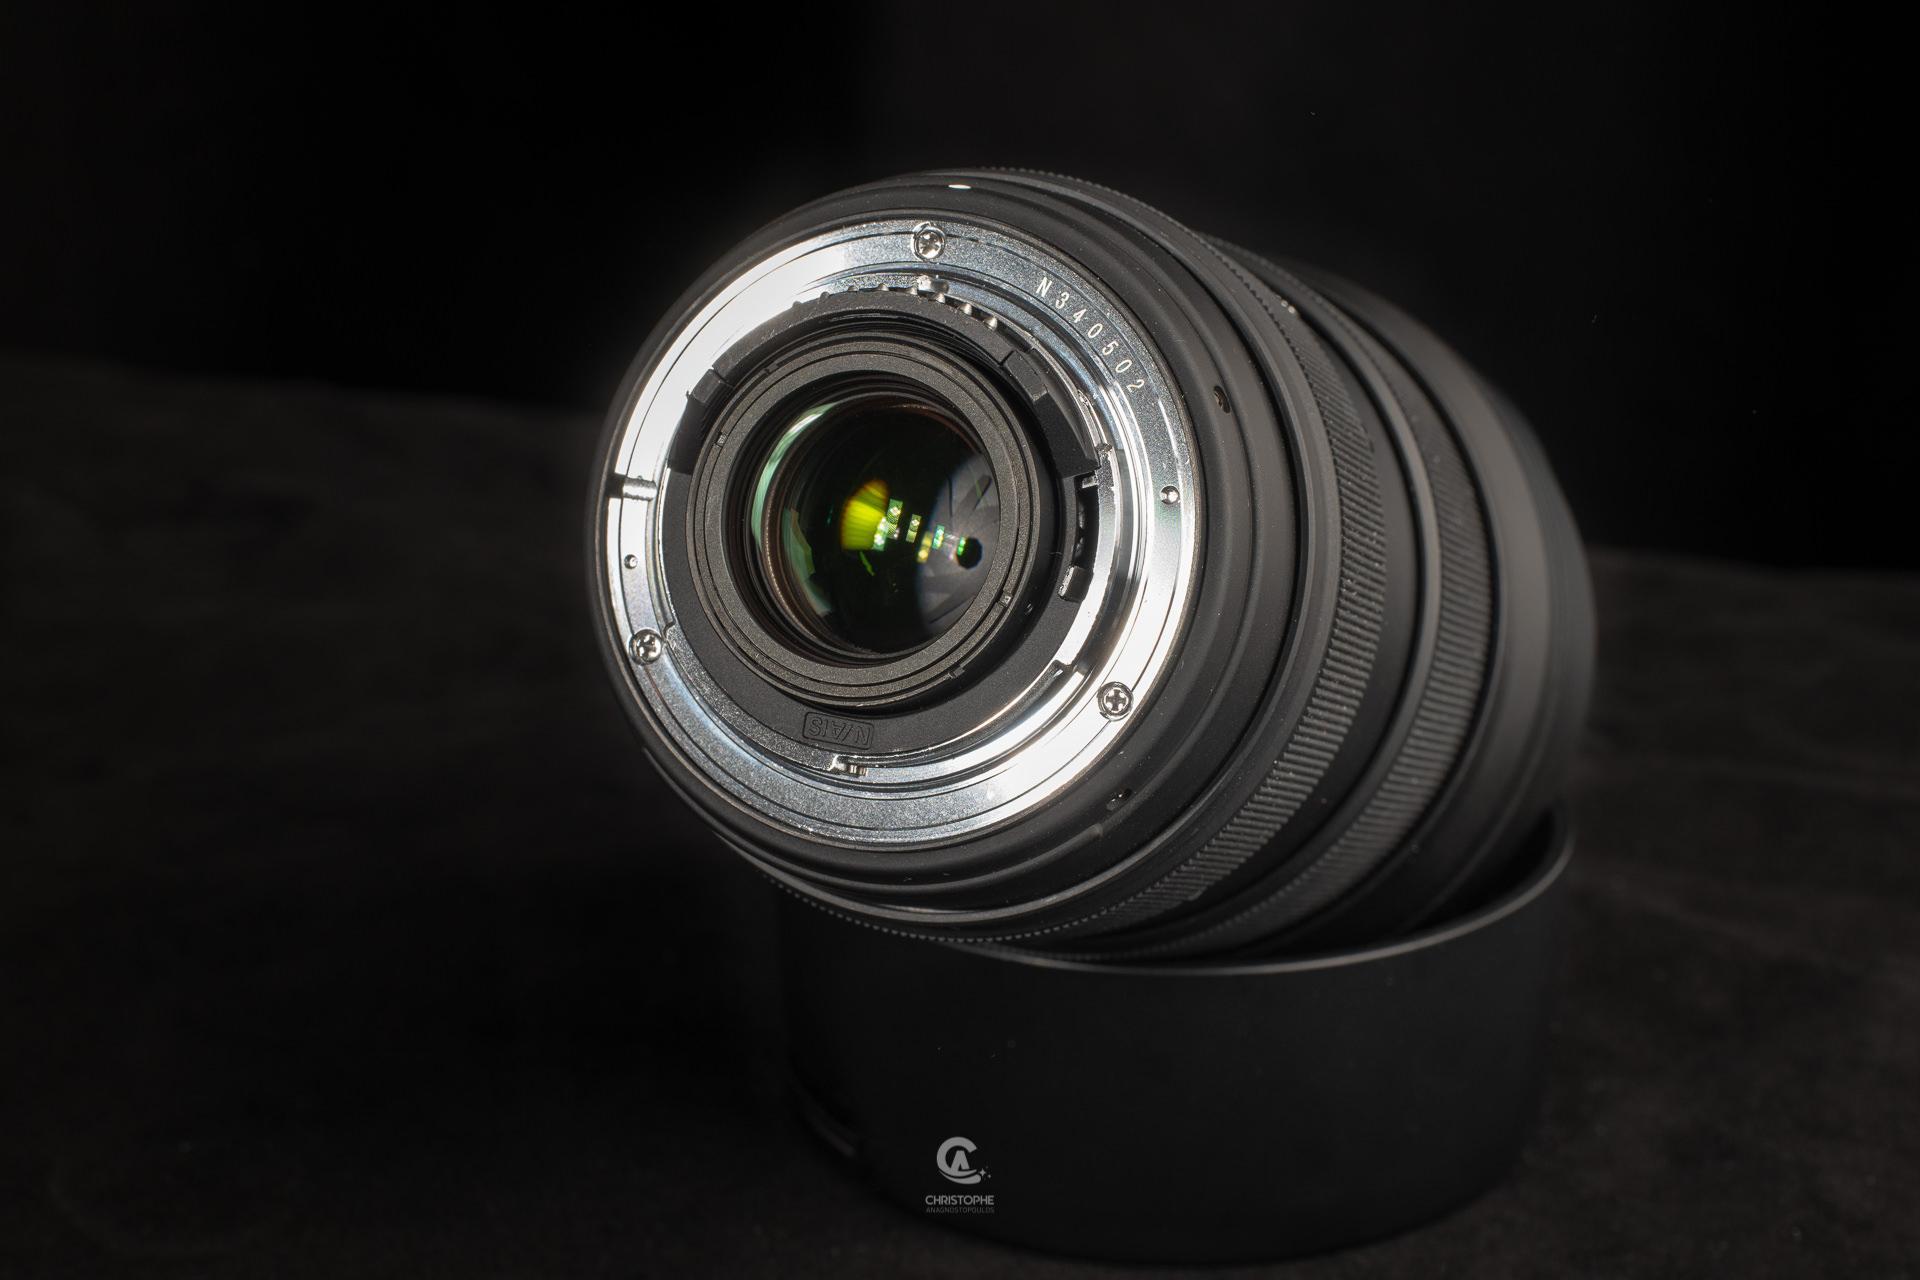 Lens @ 16mm